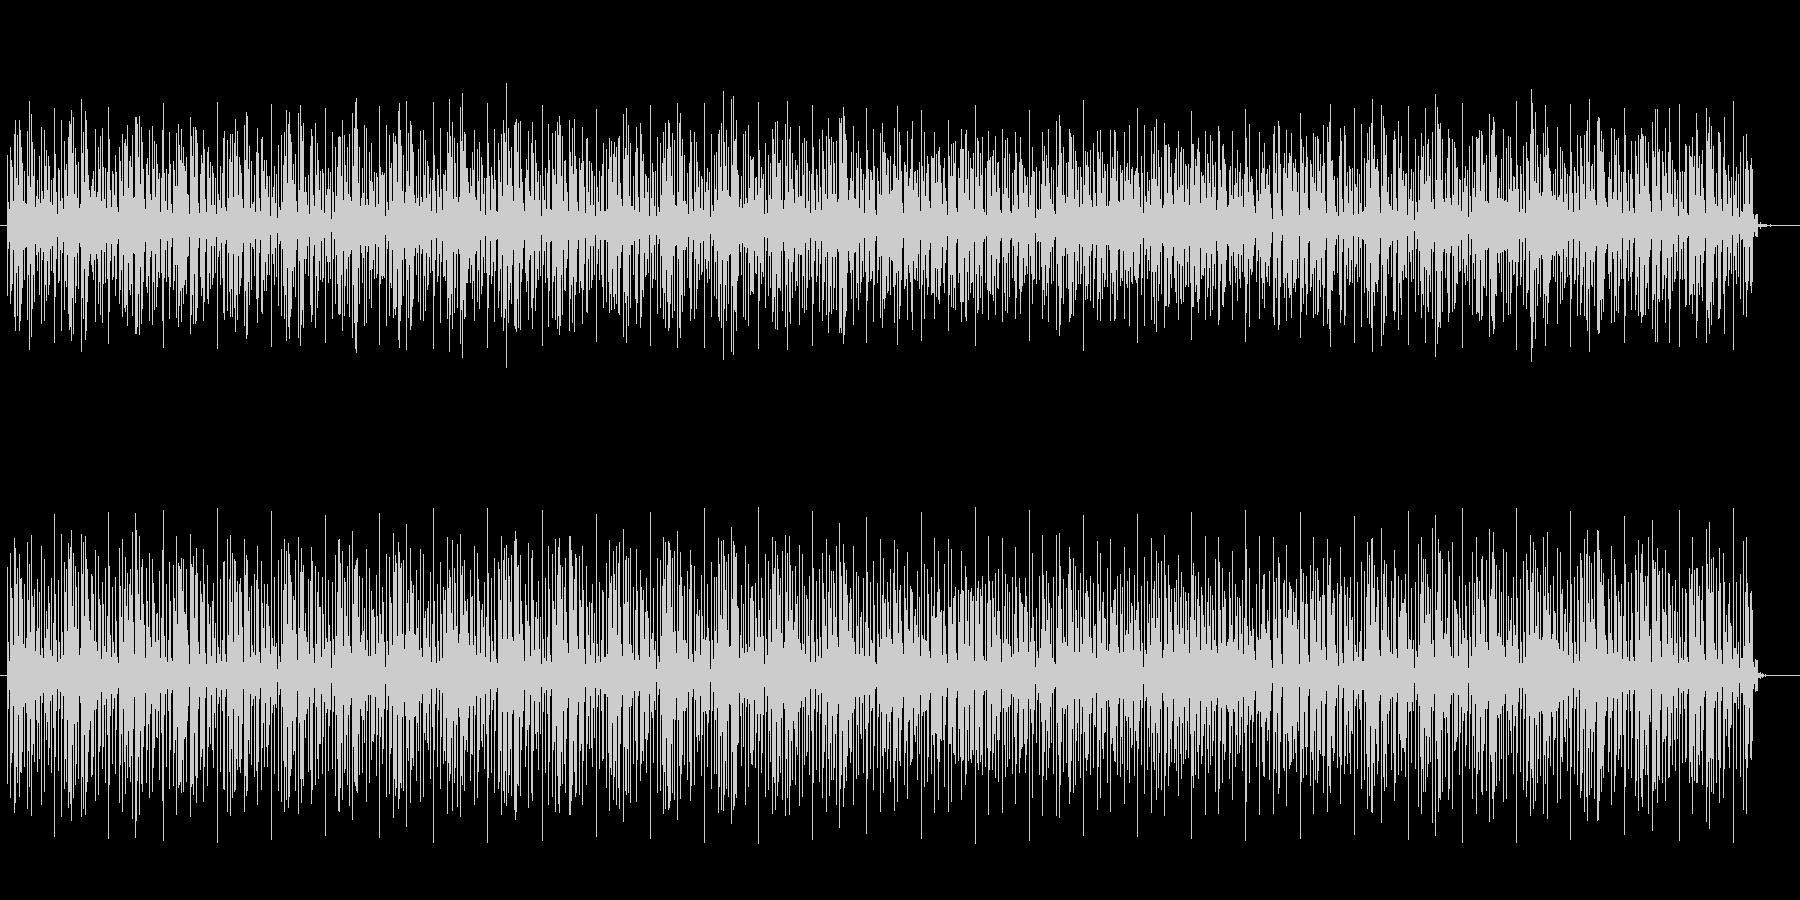 高音の空間的なループのテクノの曲の未再生の波形